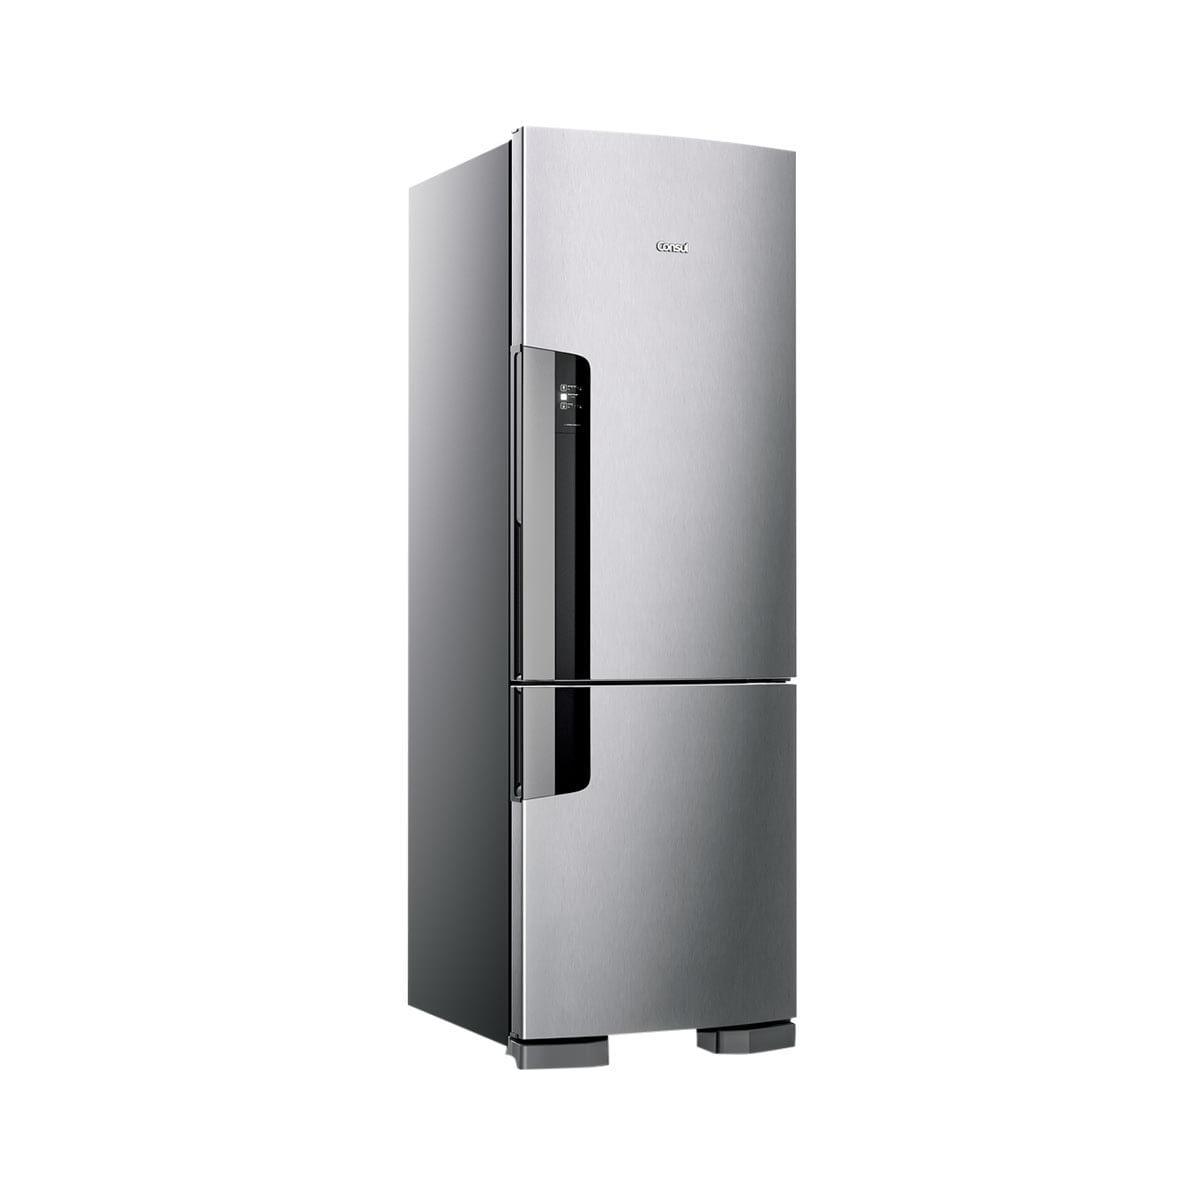 Geladeira Consul Frost Free Duplex Cre44ak 397 Litros Inox 110V